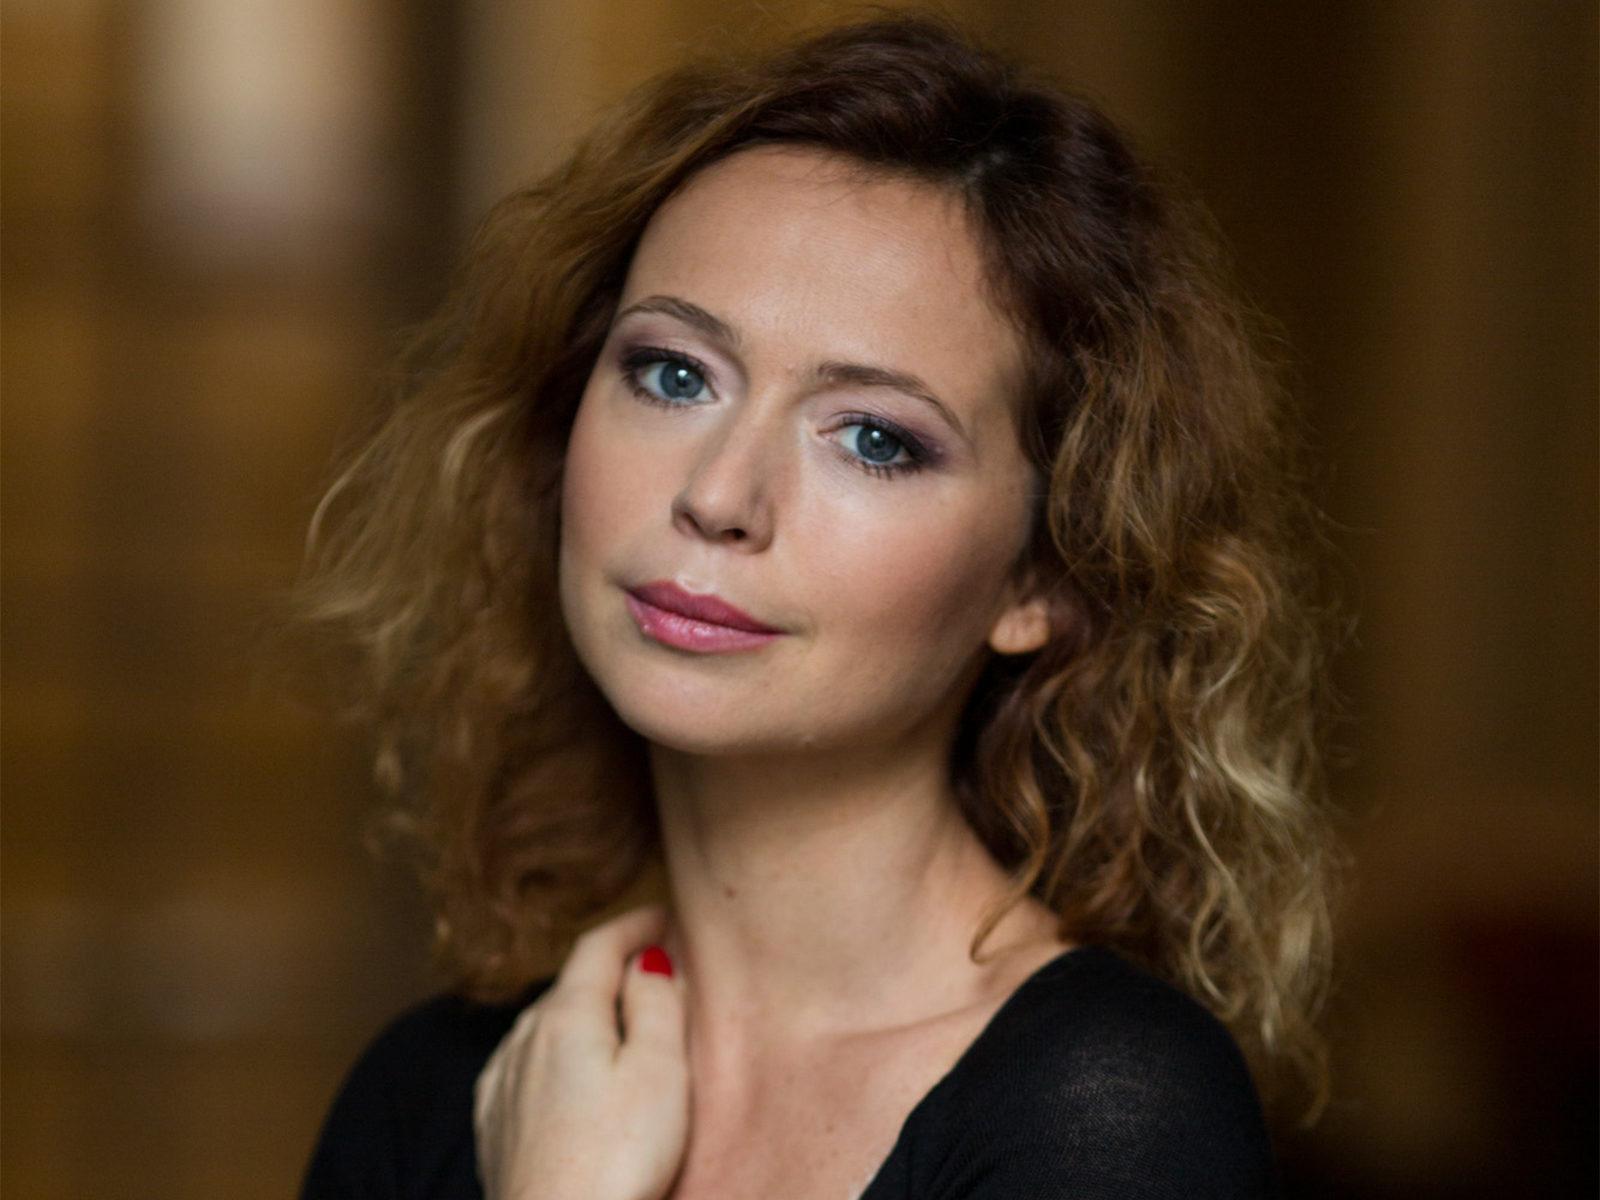 Концерт «Предчувствую тебя...» в Галерее Александра Шилова – события на сайте «Московские Сезоны»